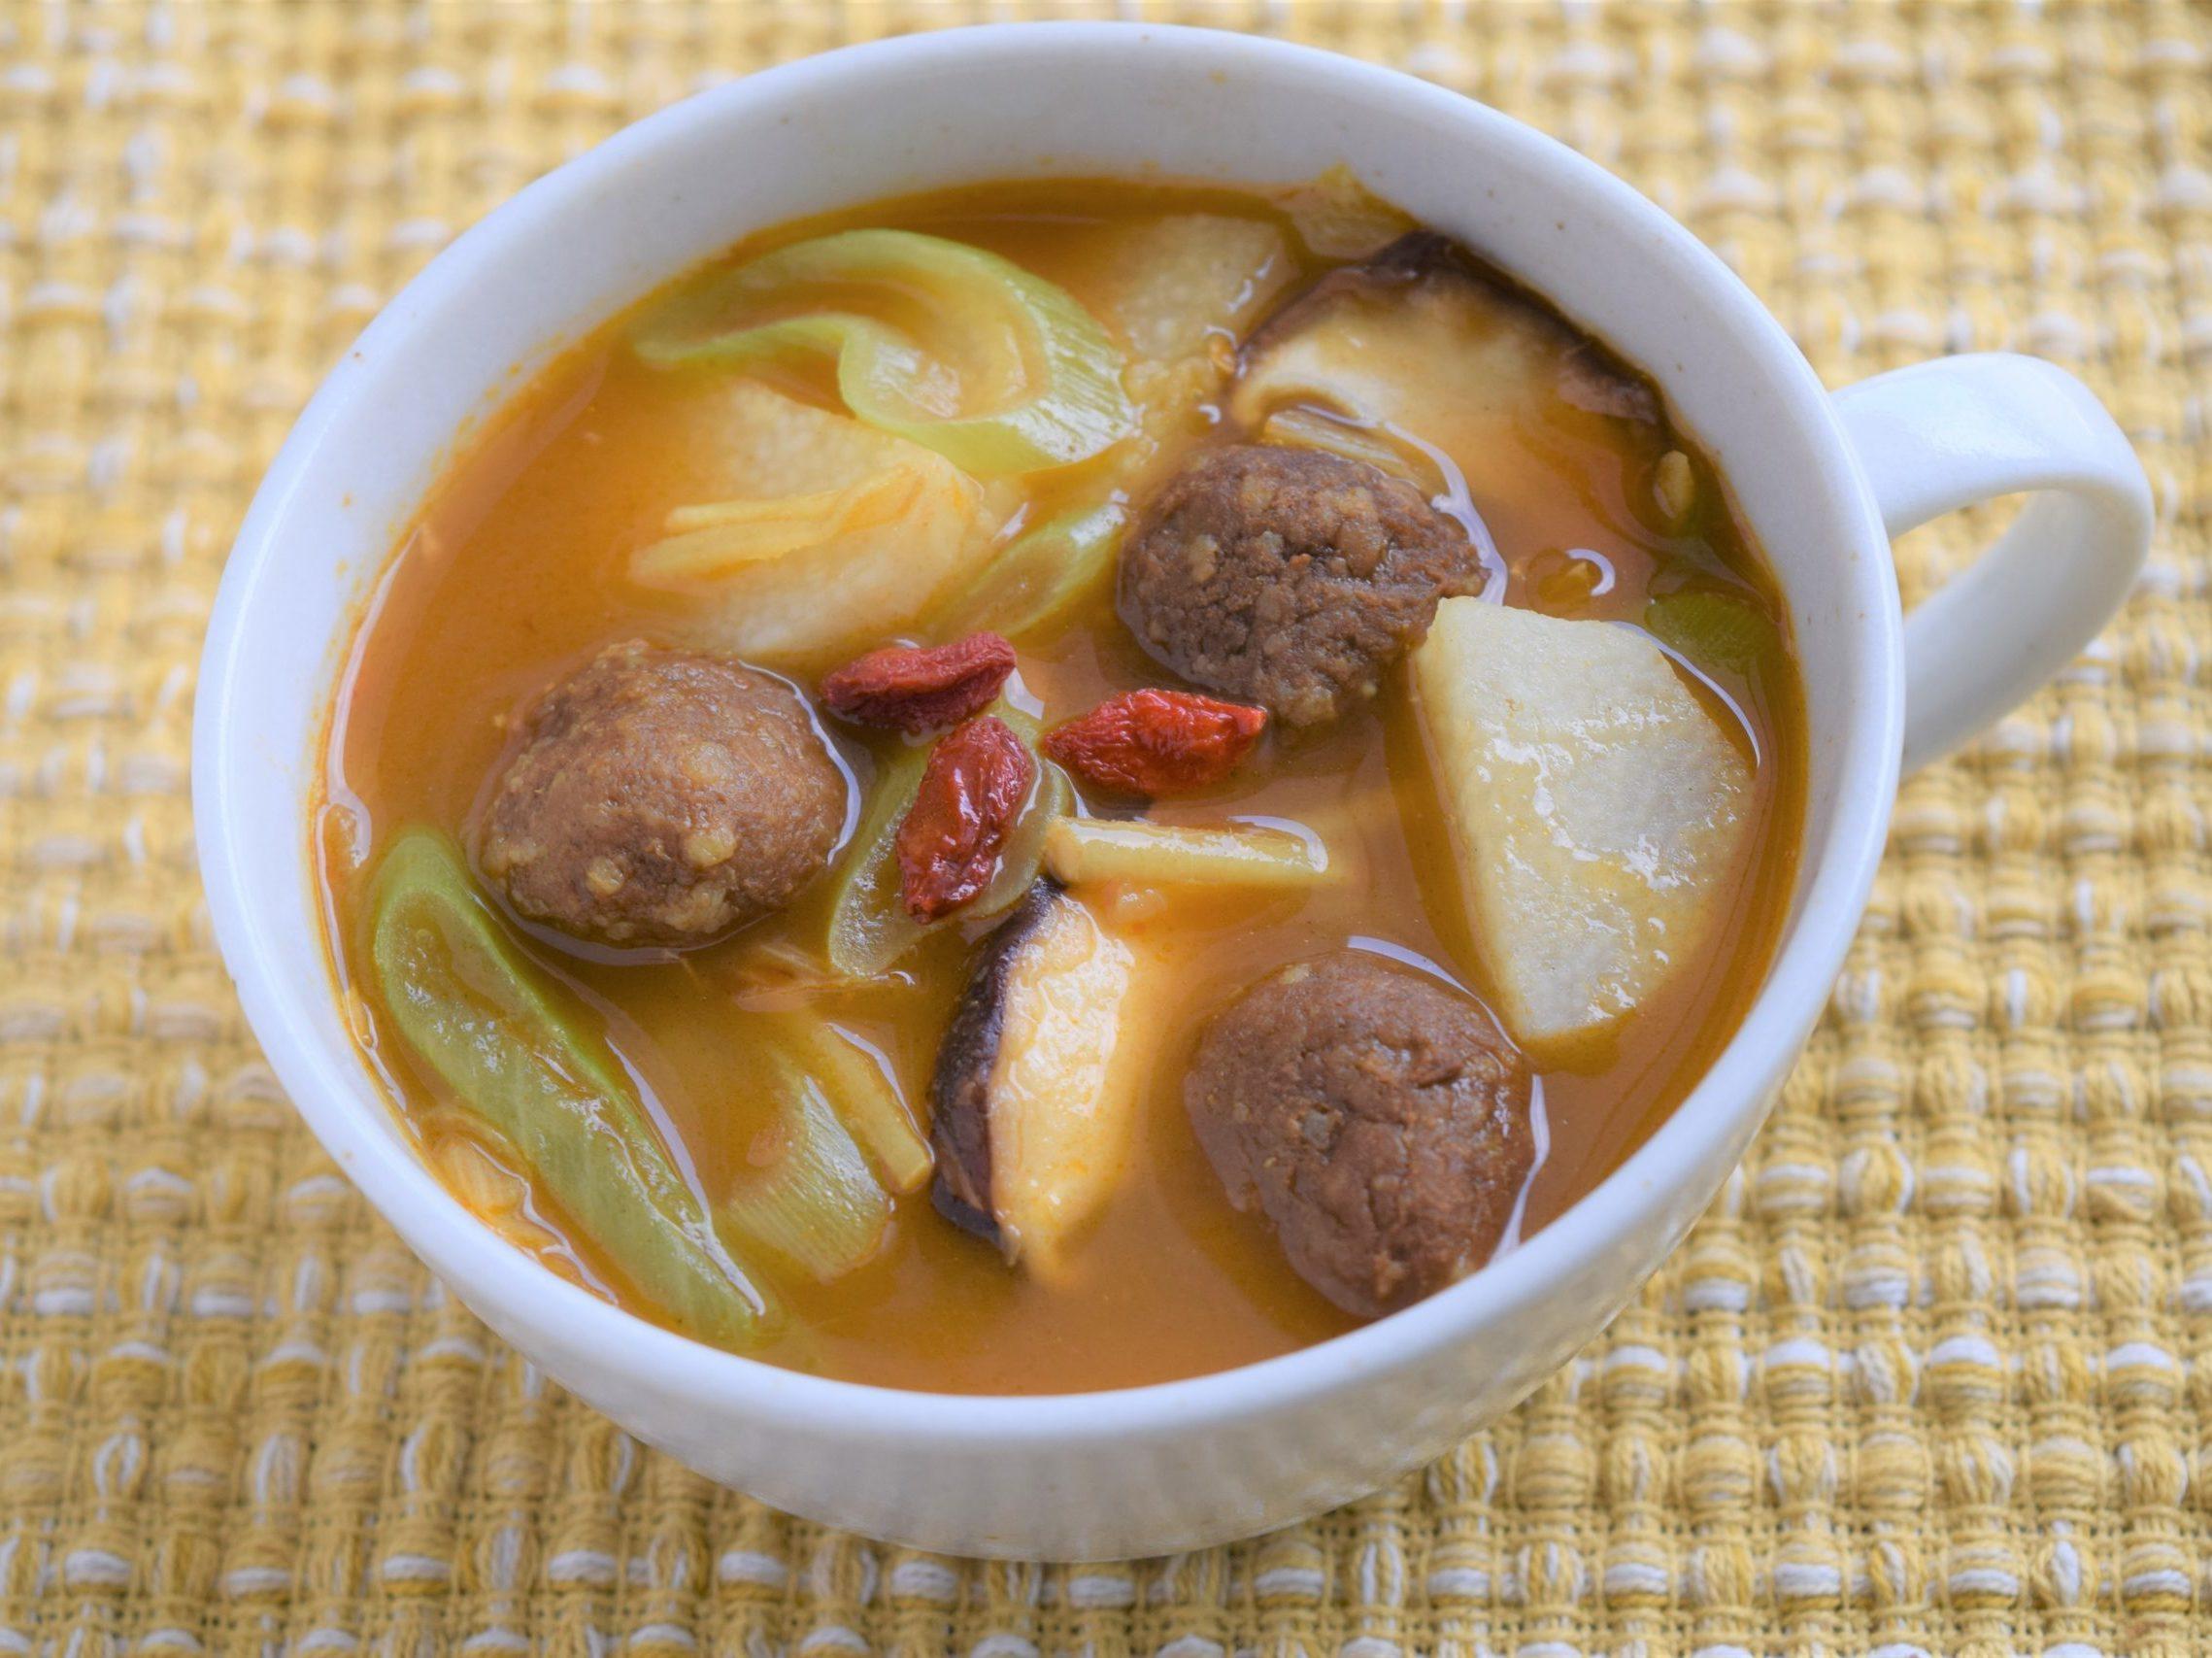 カレーミートボールの養生スープ